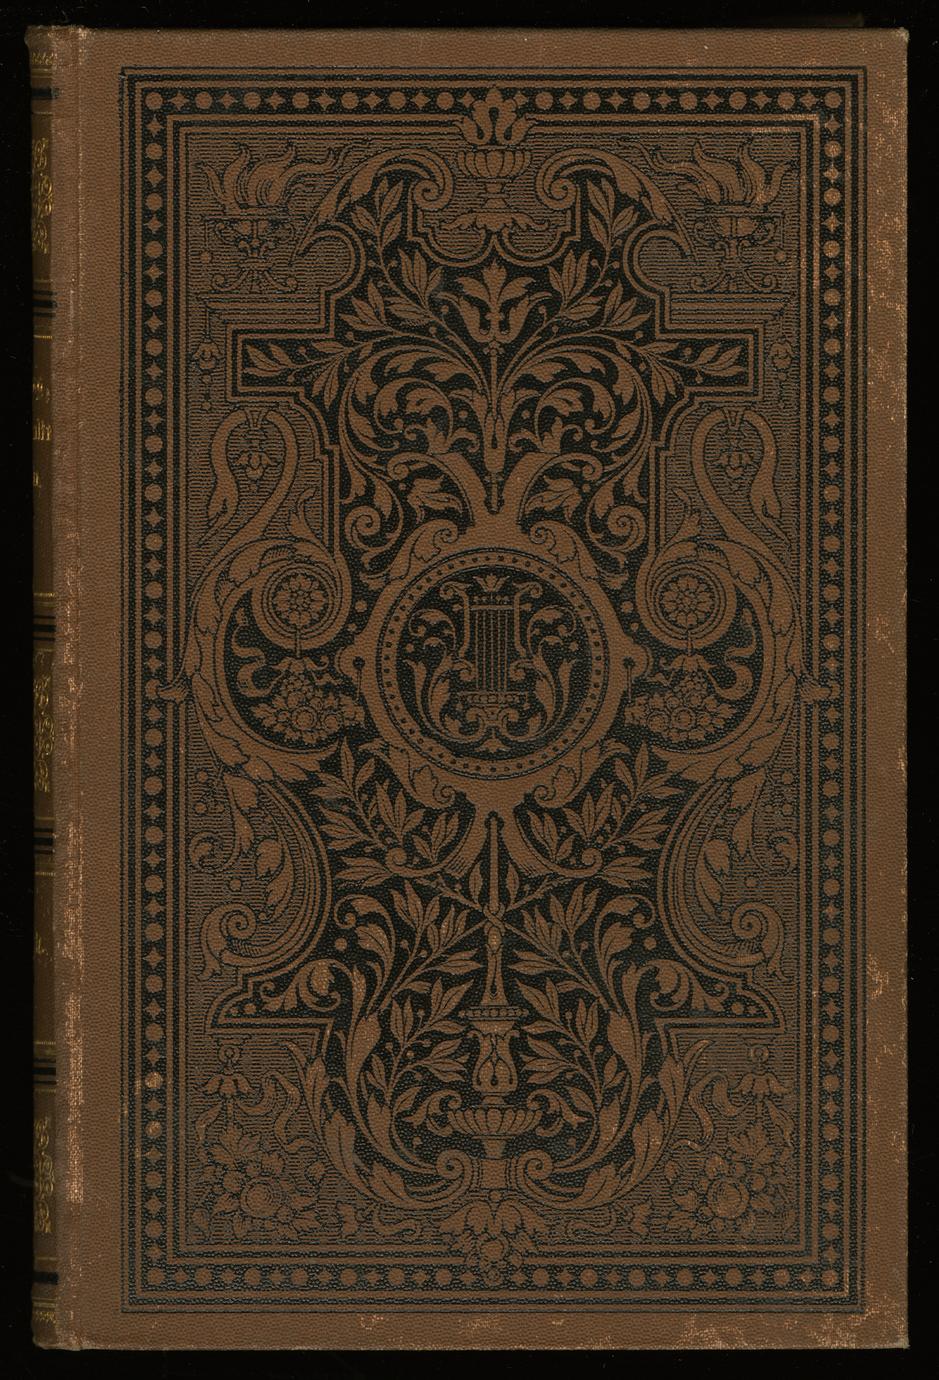 Gesammelte Werke von Gustav Freytag (1 of 3)